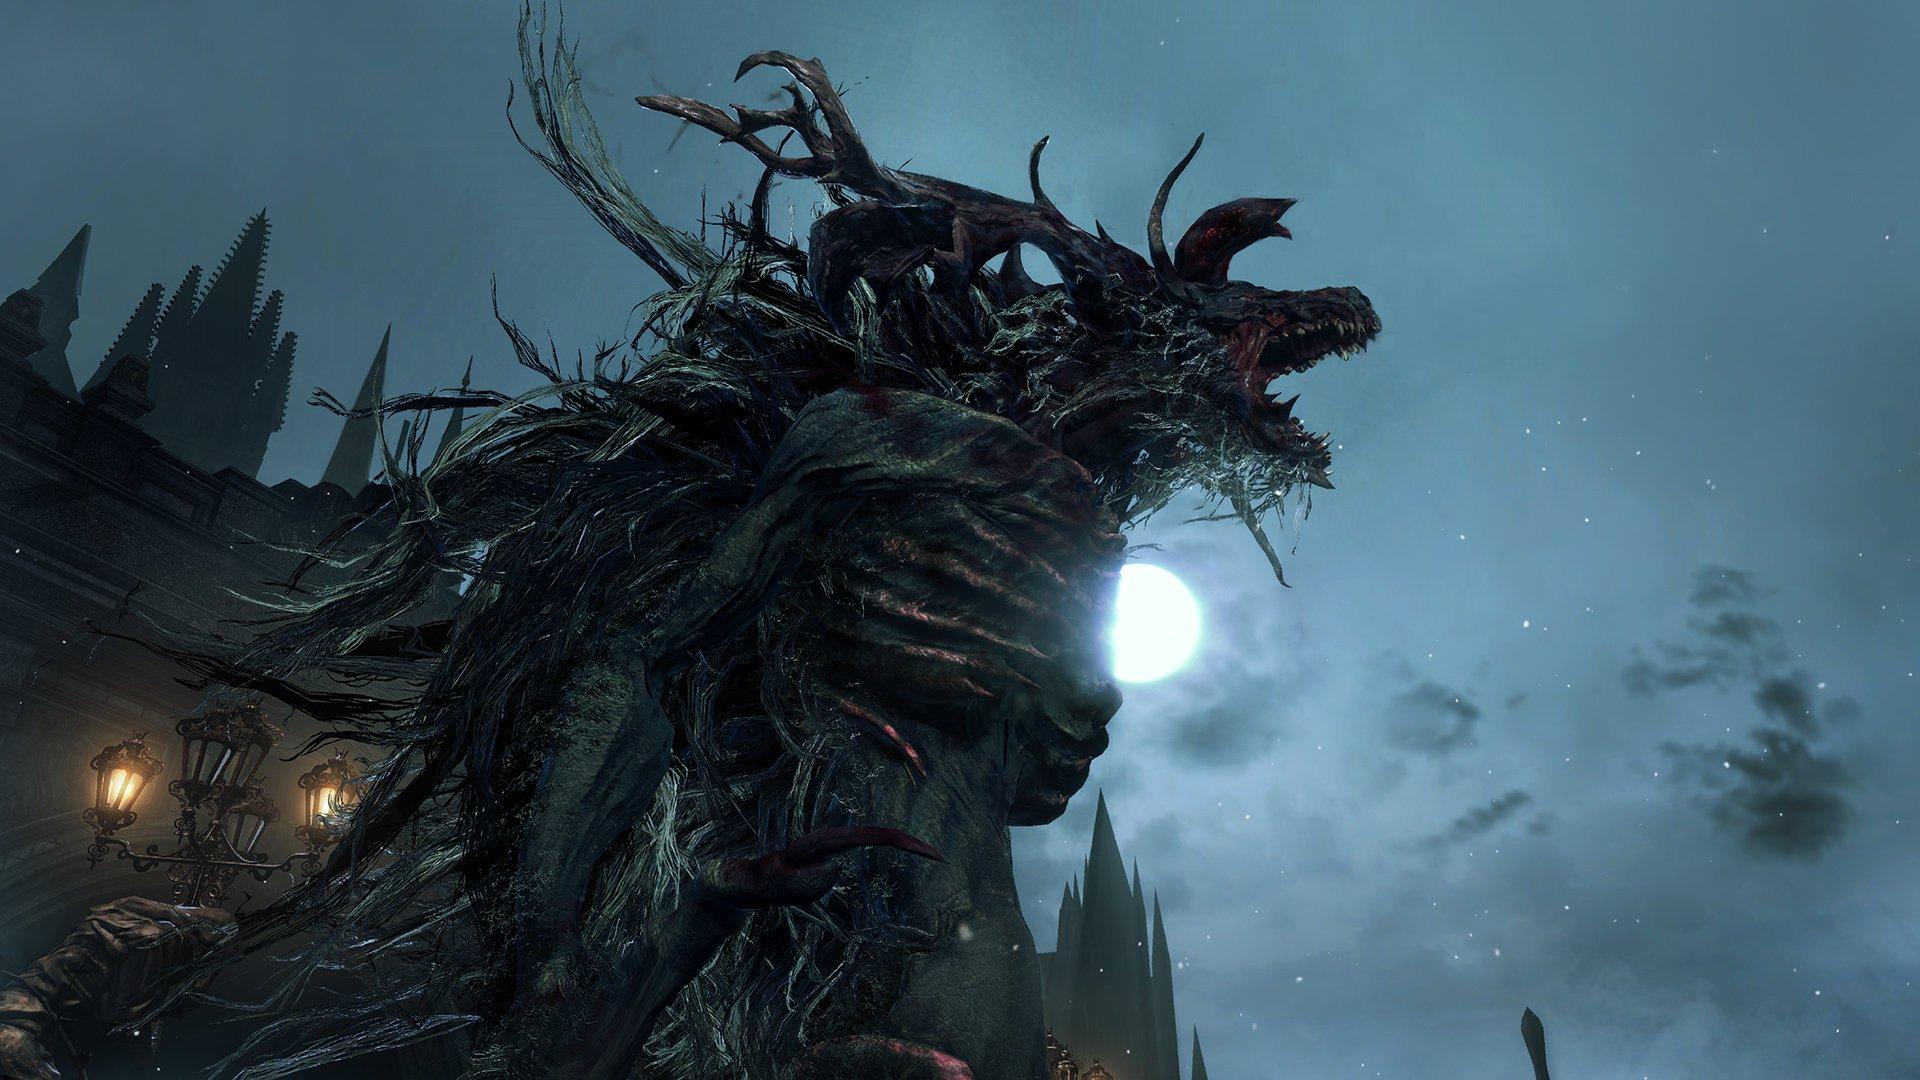 Bloodborne : мерзкие  твари и немного слов о некоторых локациях. - Изображение 5